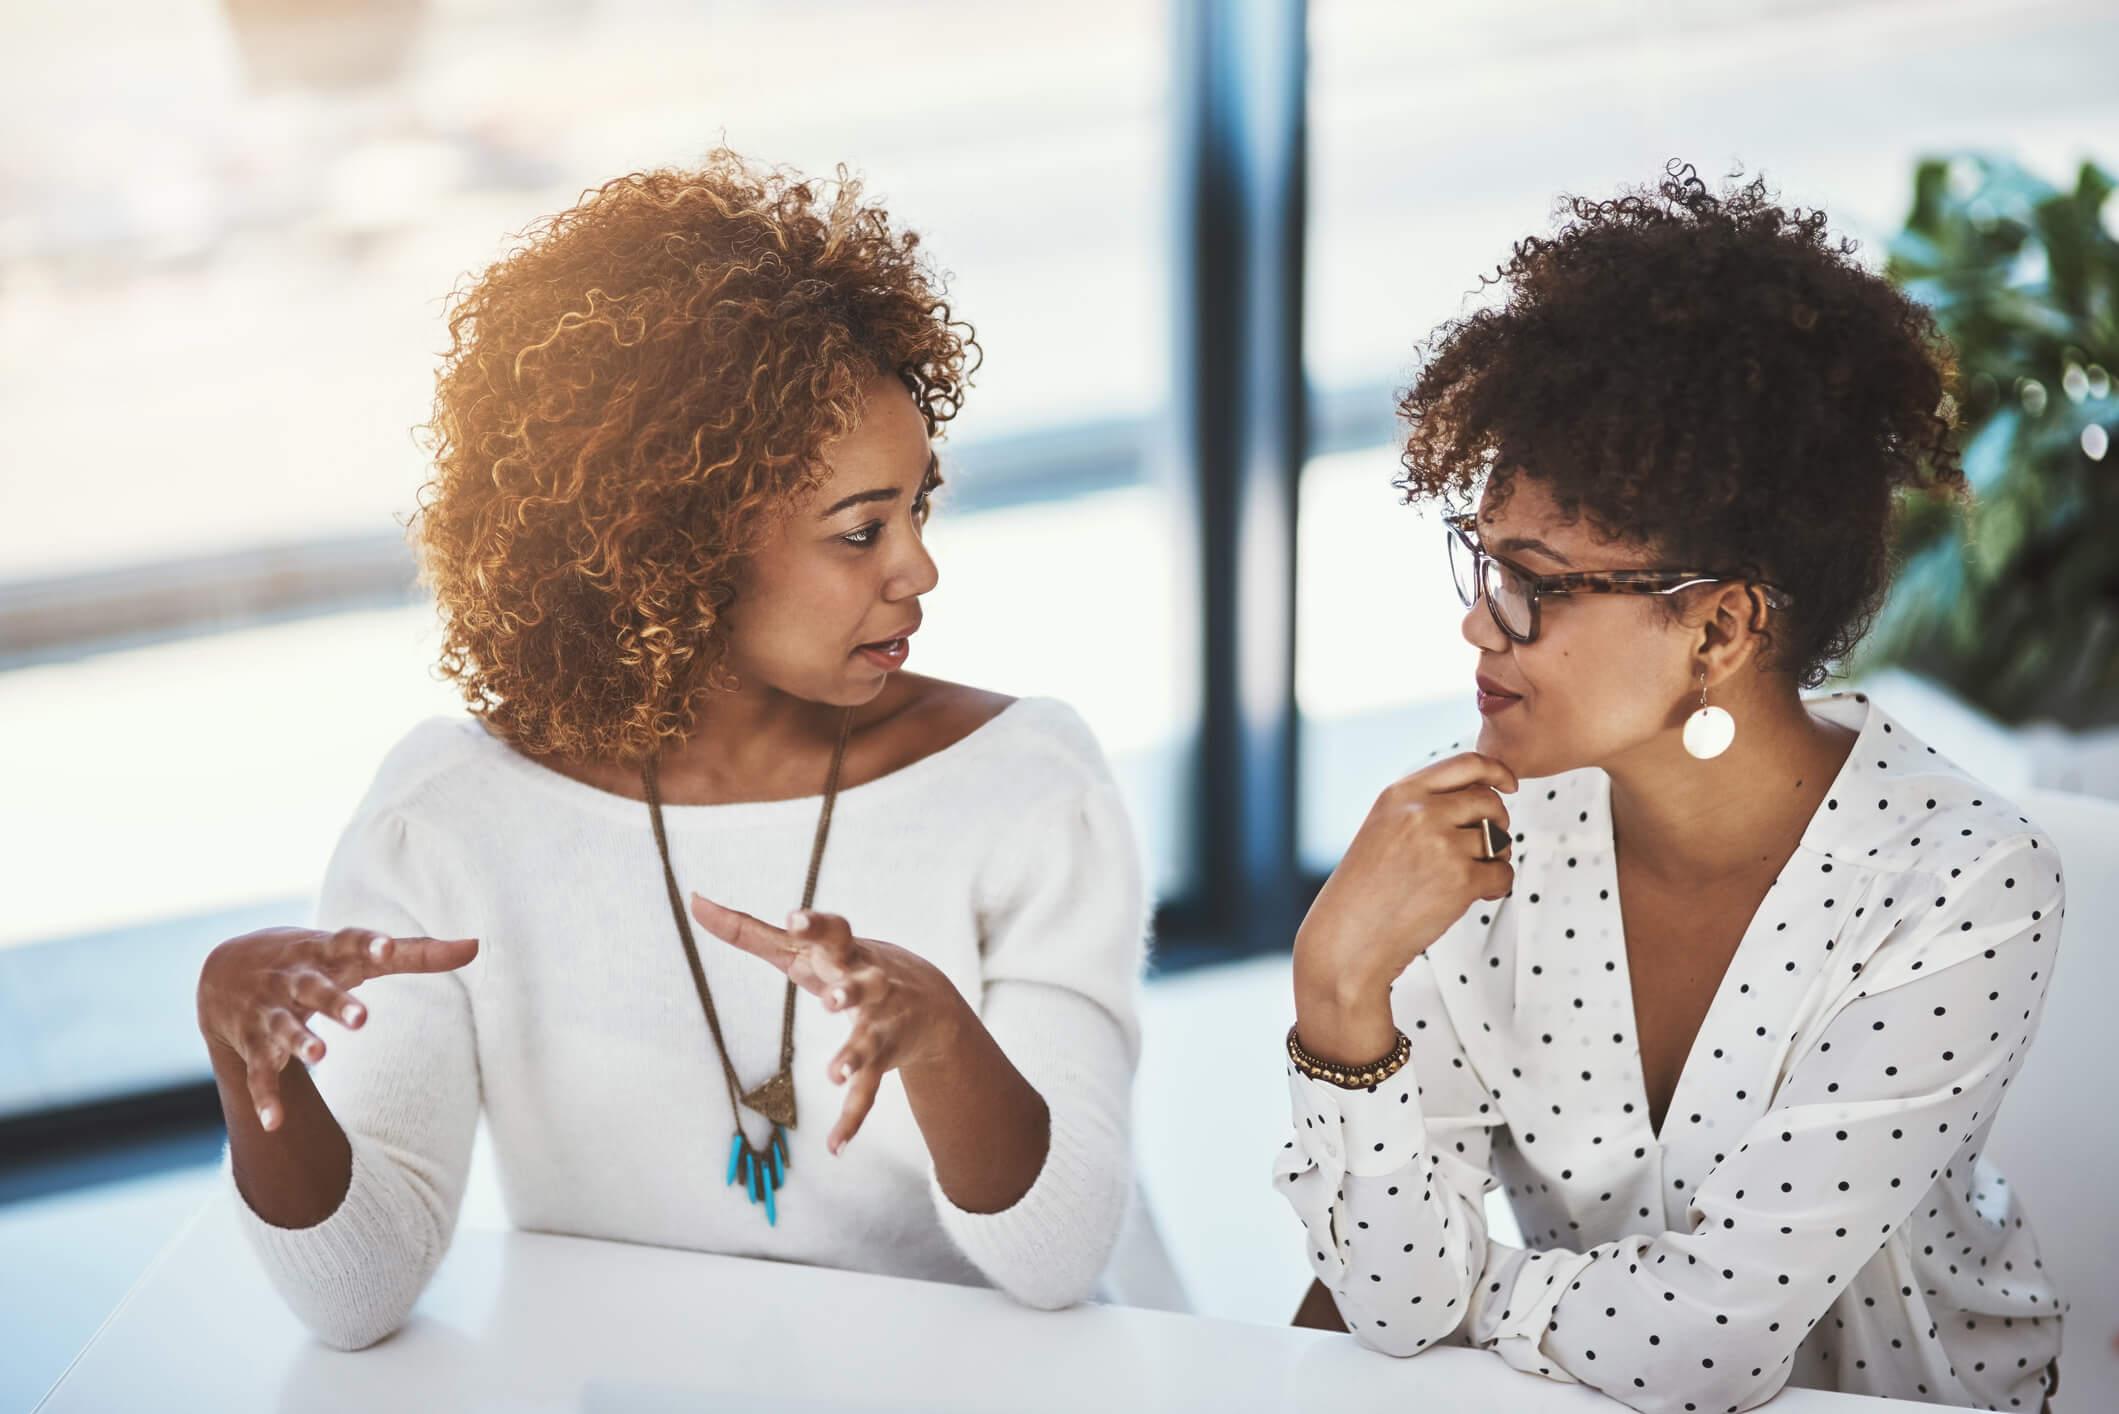 Rapport é uma palavra de origem francesa utilizada para descrever um estado de conexão emocional entre duas pessoas. Saiba mais!